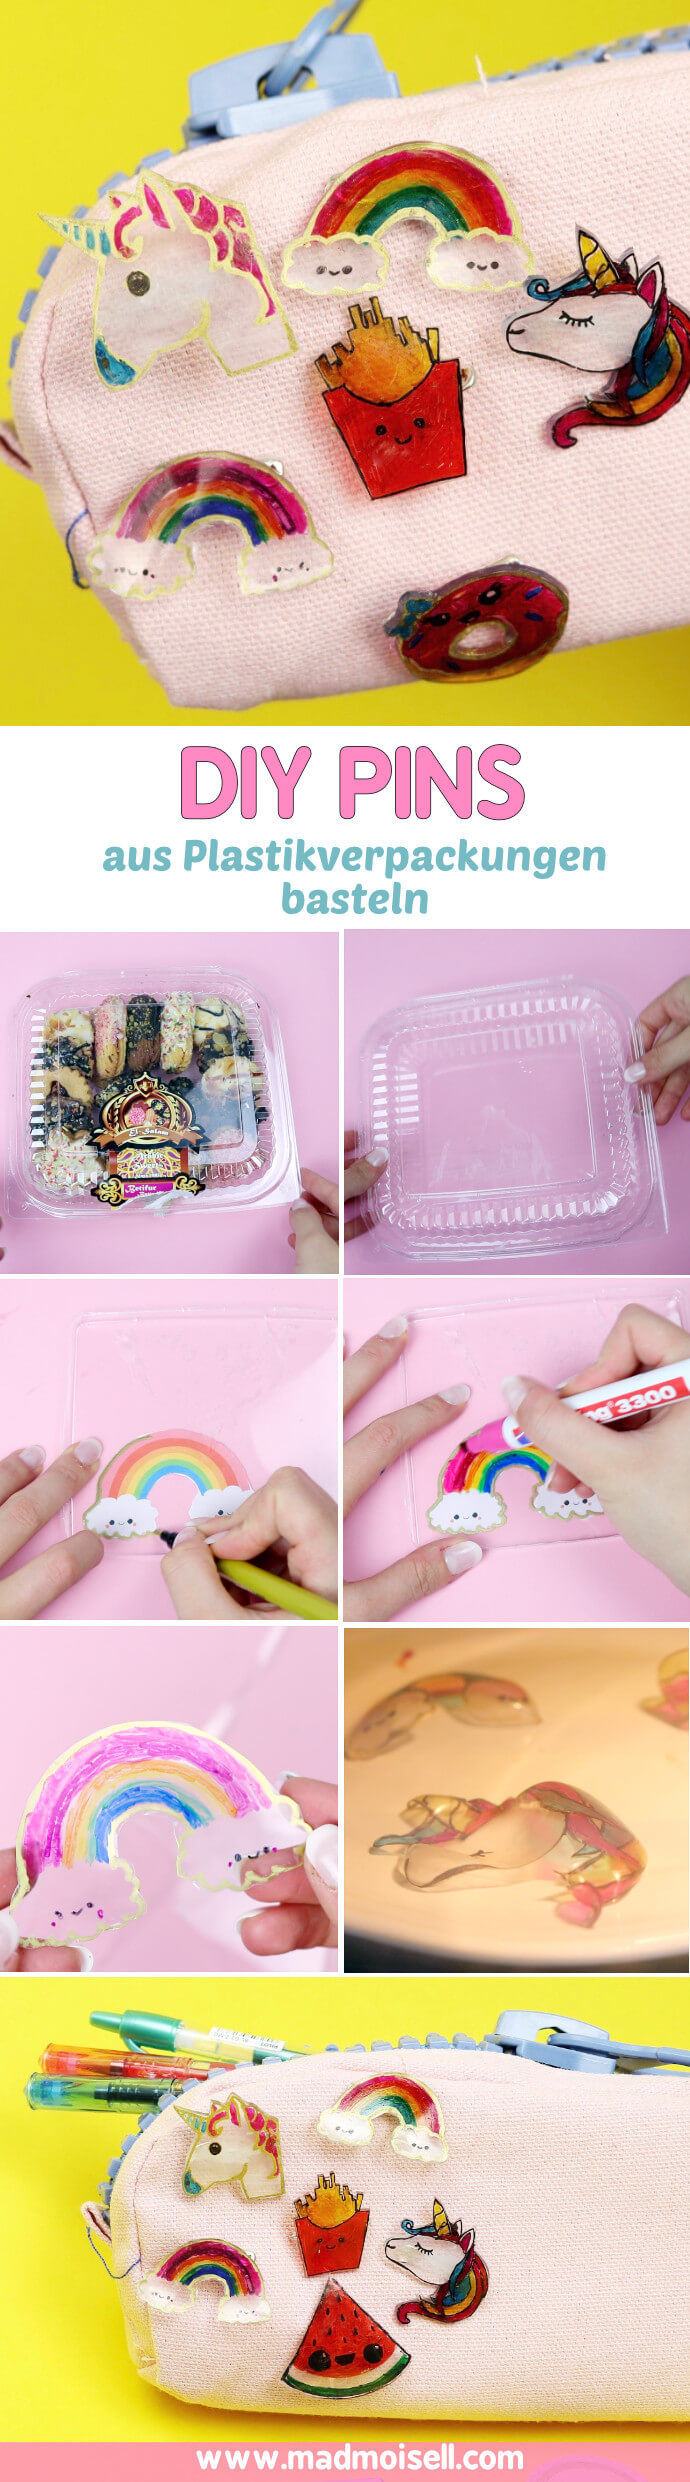 DIY Ideen mit Schrumpffolie [Shrink Plastic] aus Plastik Verpackungen